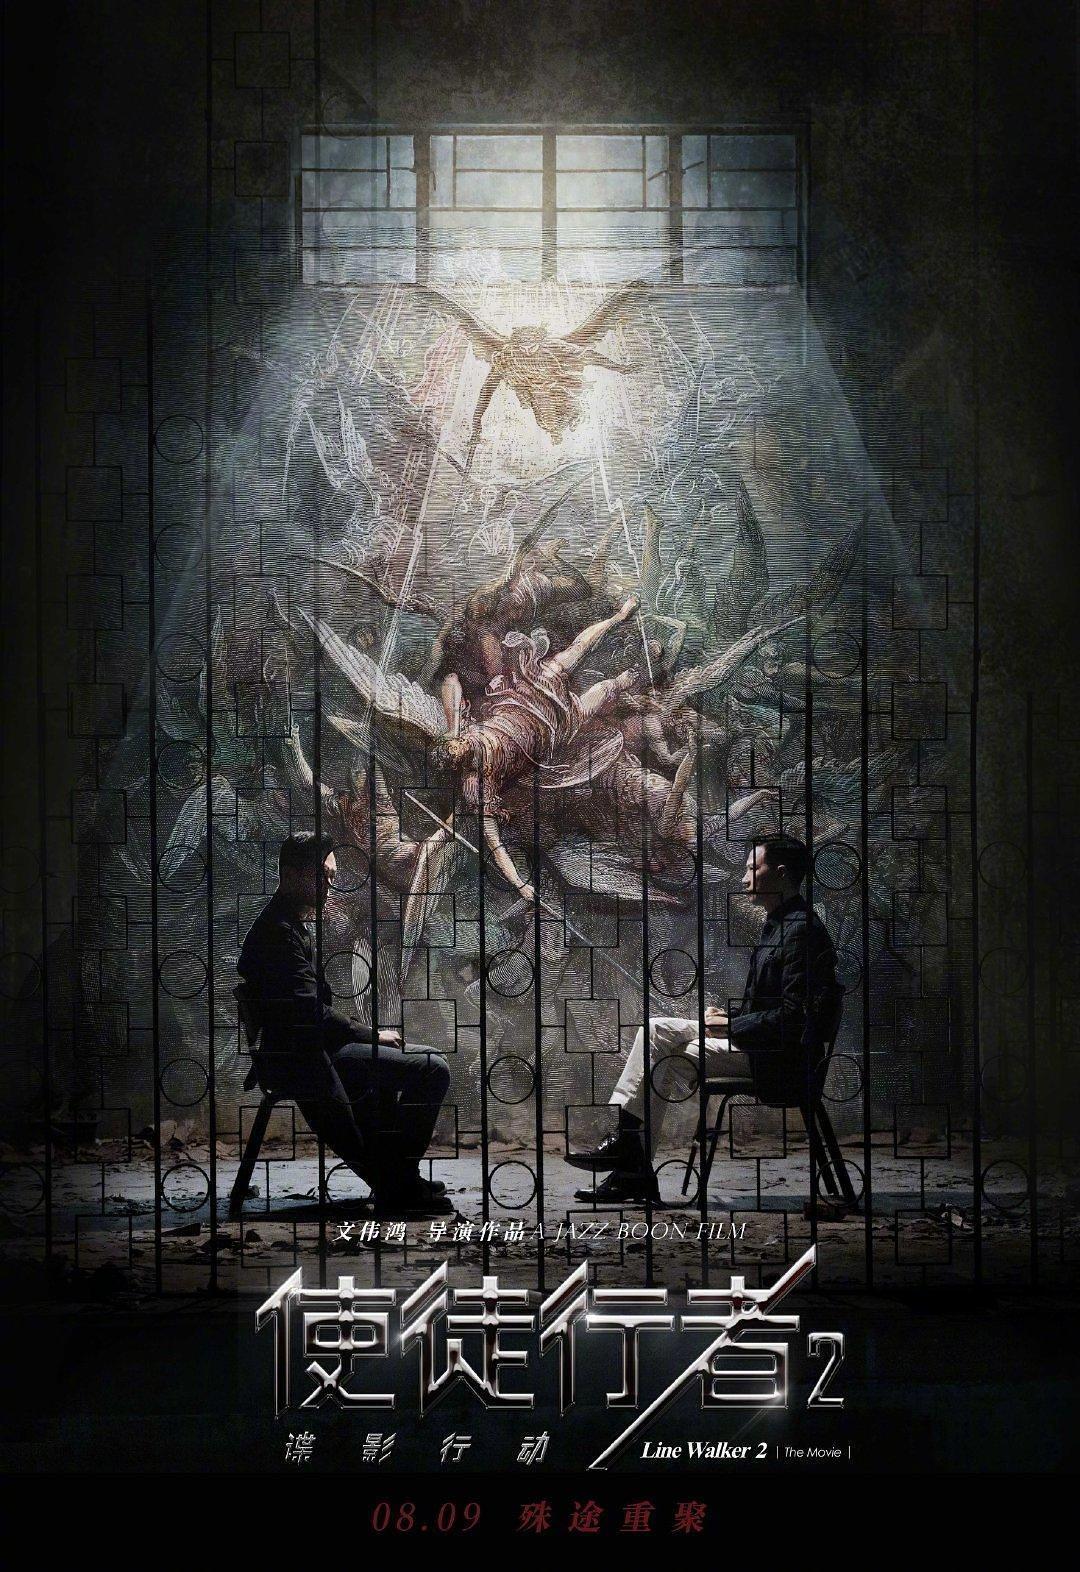 《使徒行者2》定档暑期档,与《叶问4》《肥龙过江》谁会是赢家?